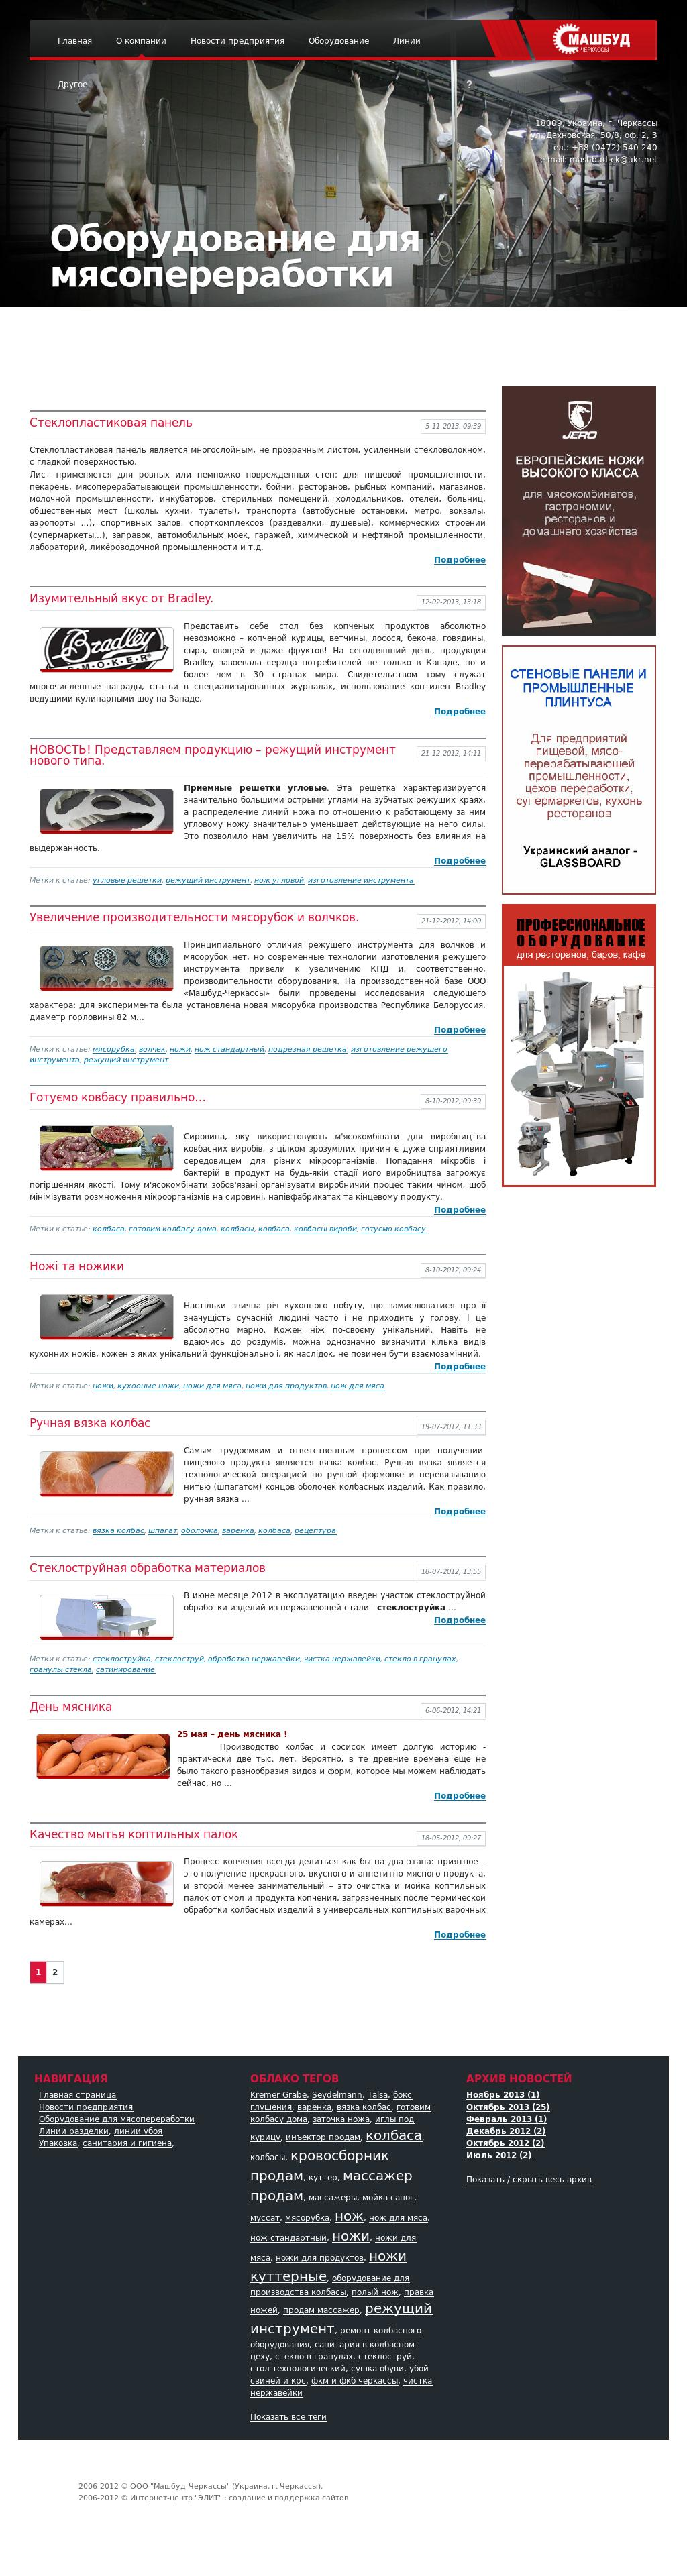 Сайты знакомств 24 open 24 фотография